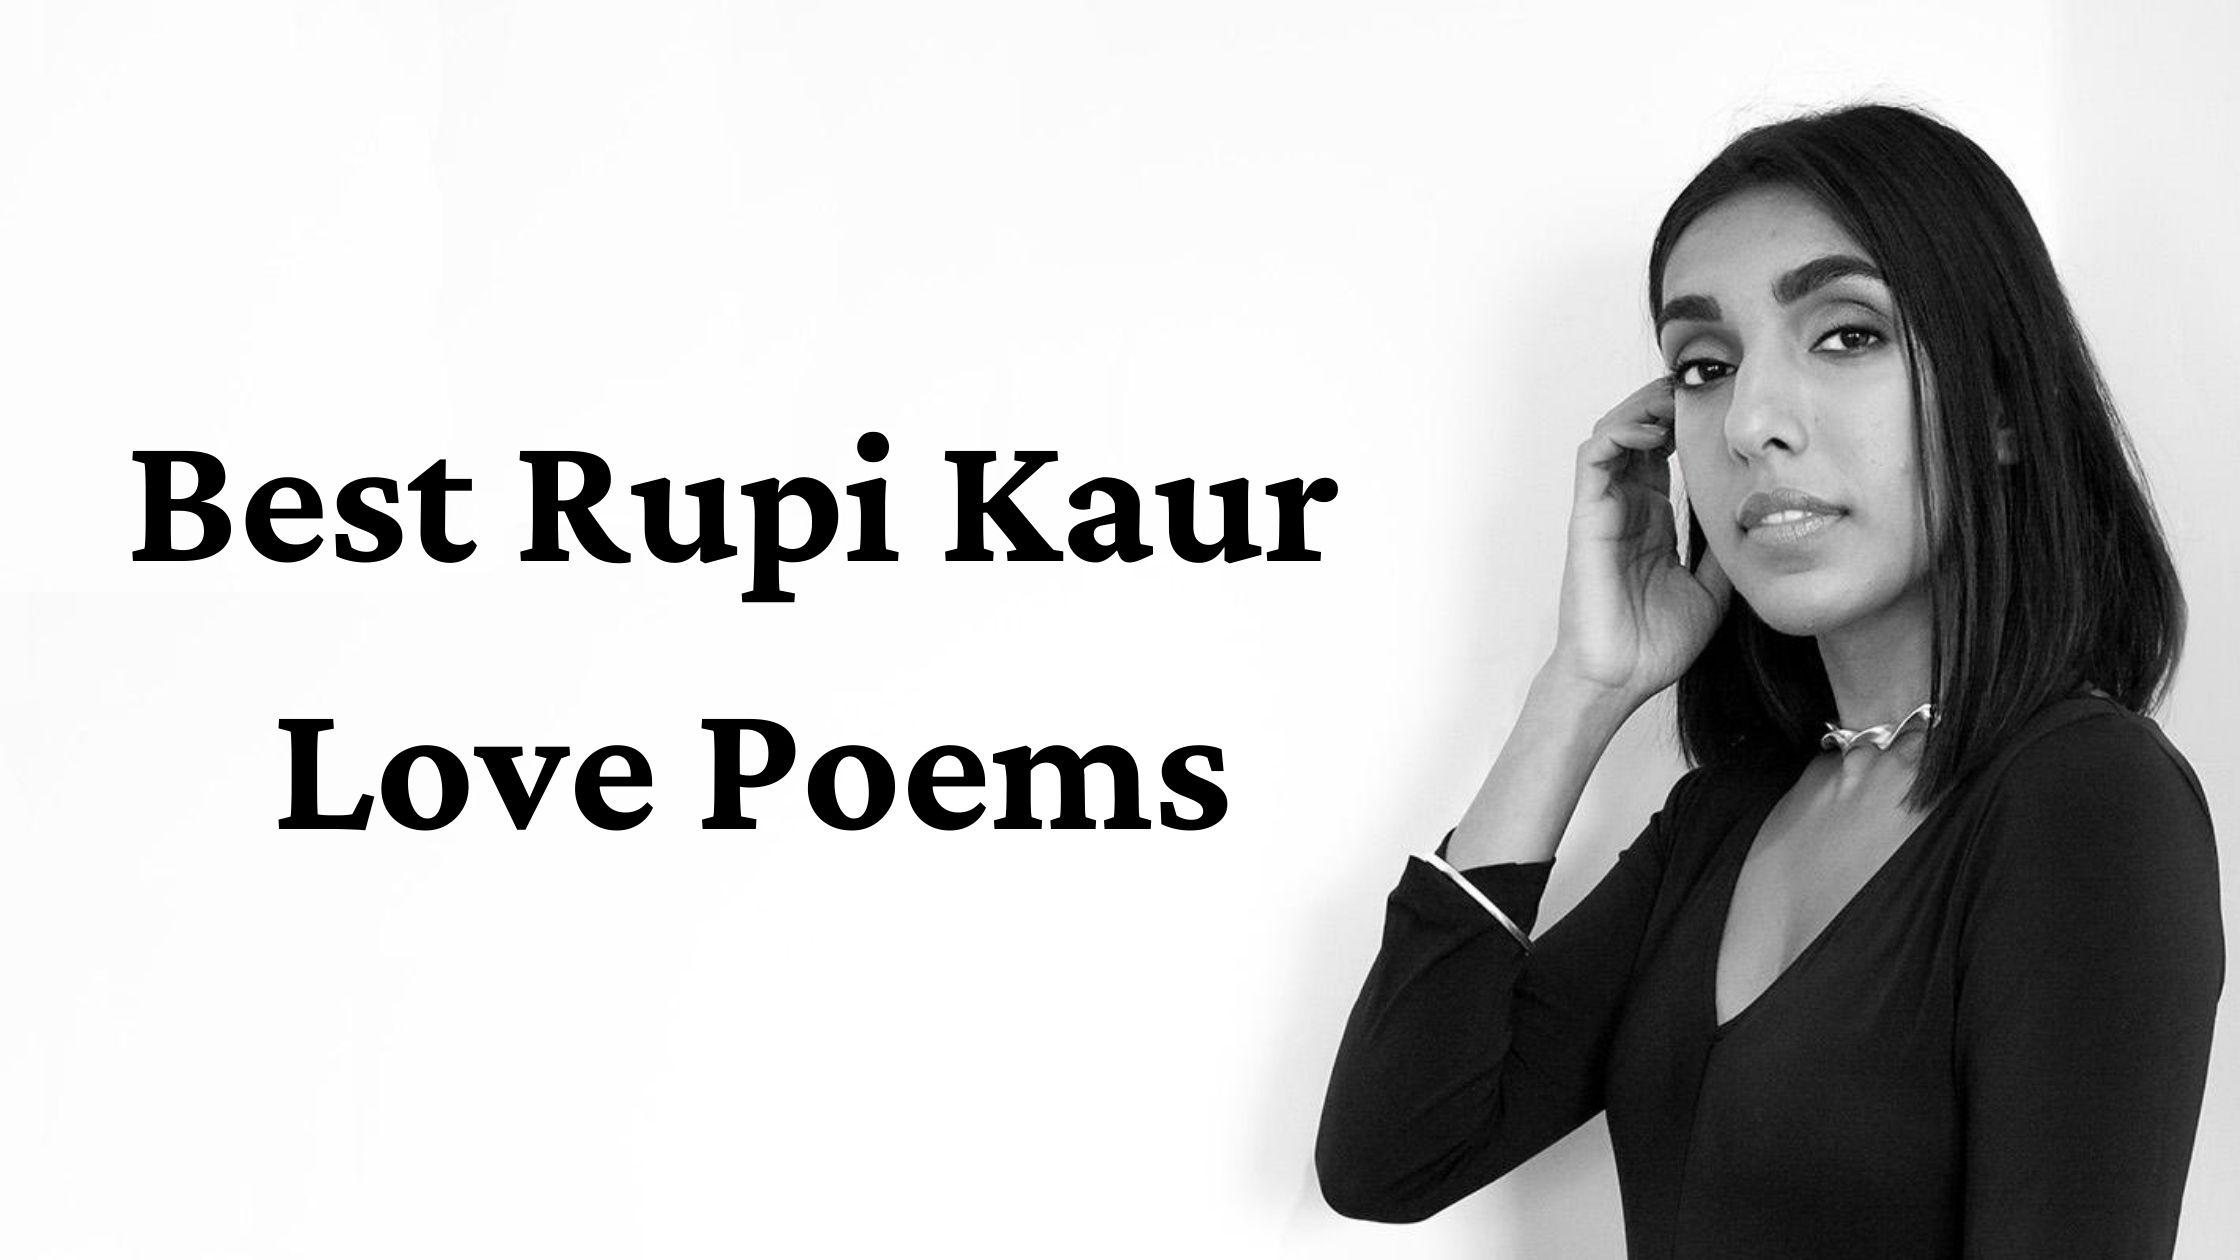 Best Rupi Kaur Love Poems